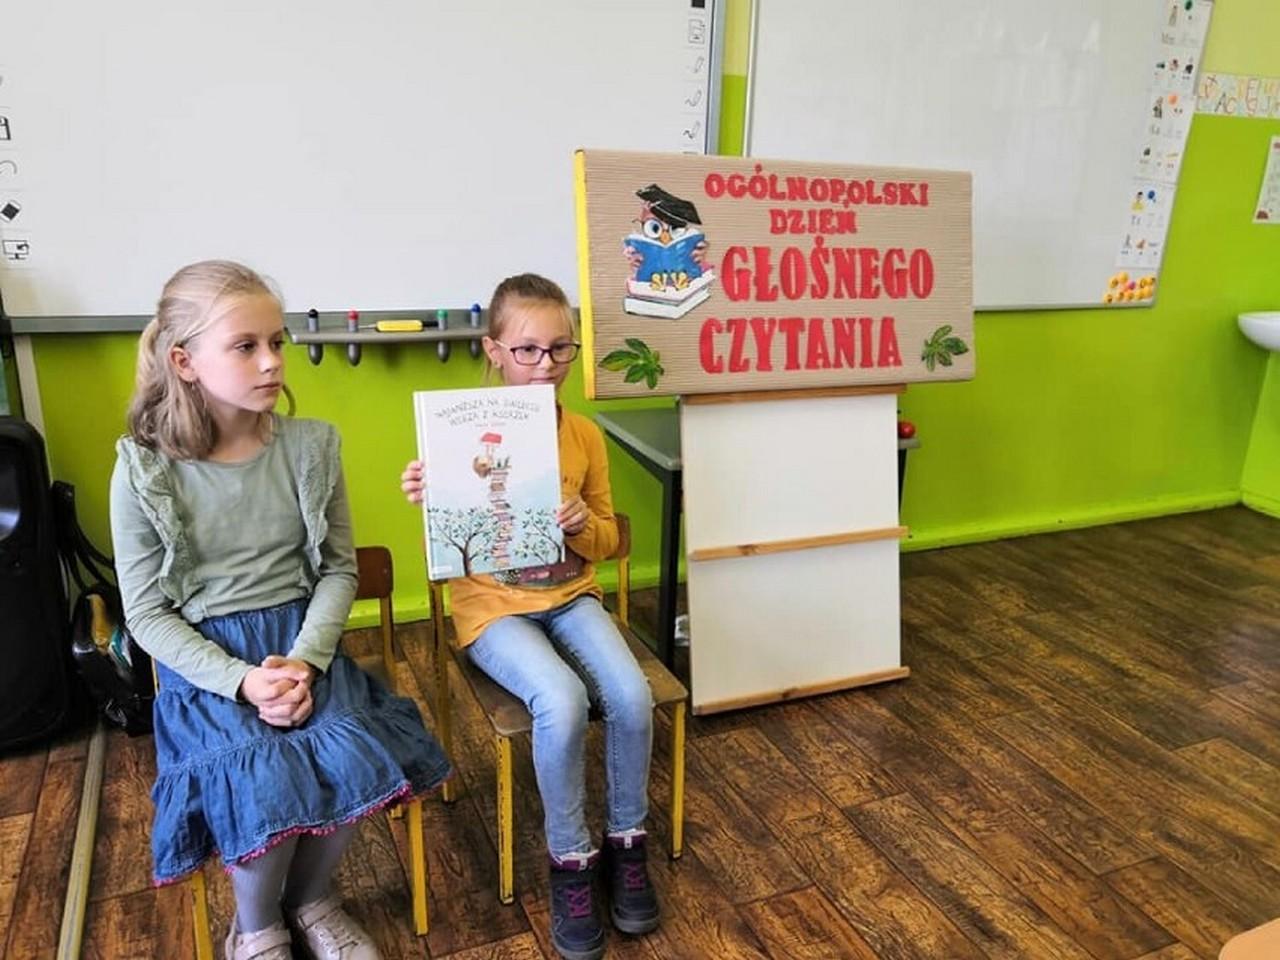 Dzień Głośnego Czytania w szkole w Smolicach [ZDJĘCIA] - Zdjęcie główne